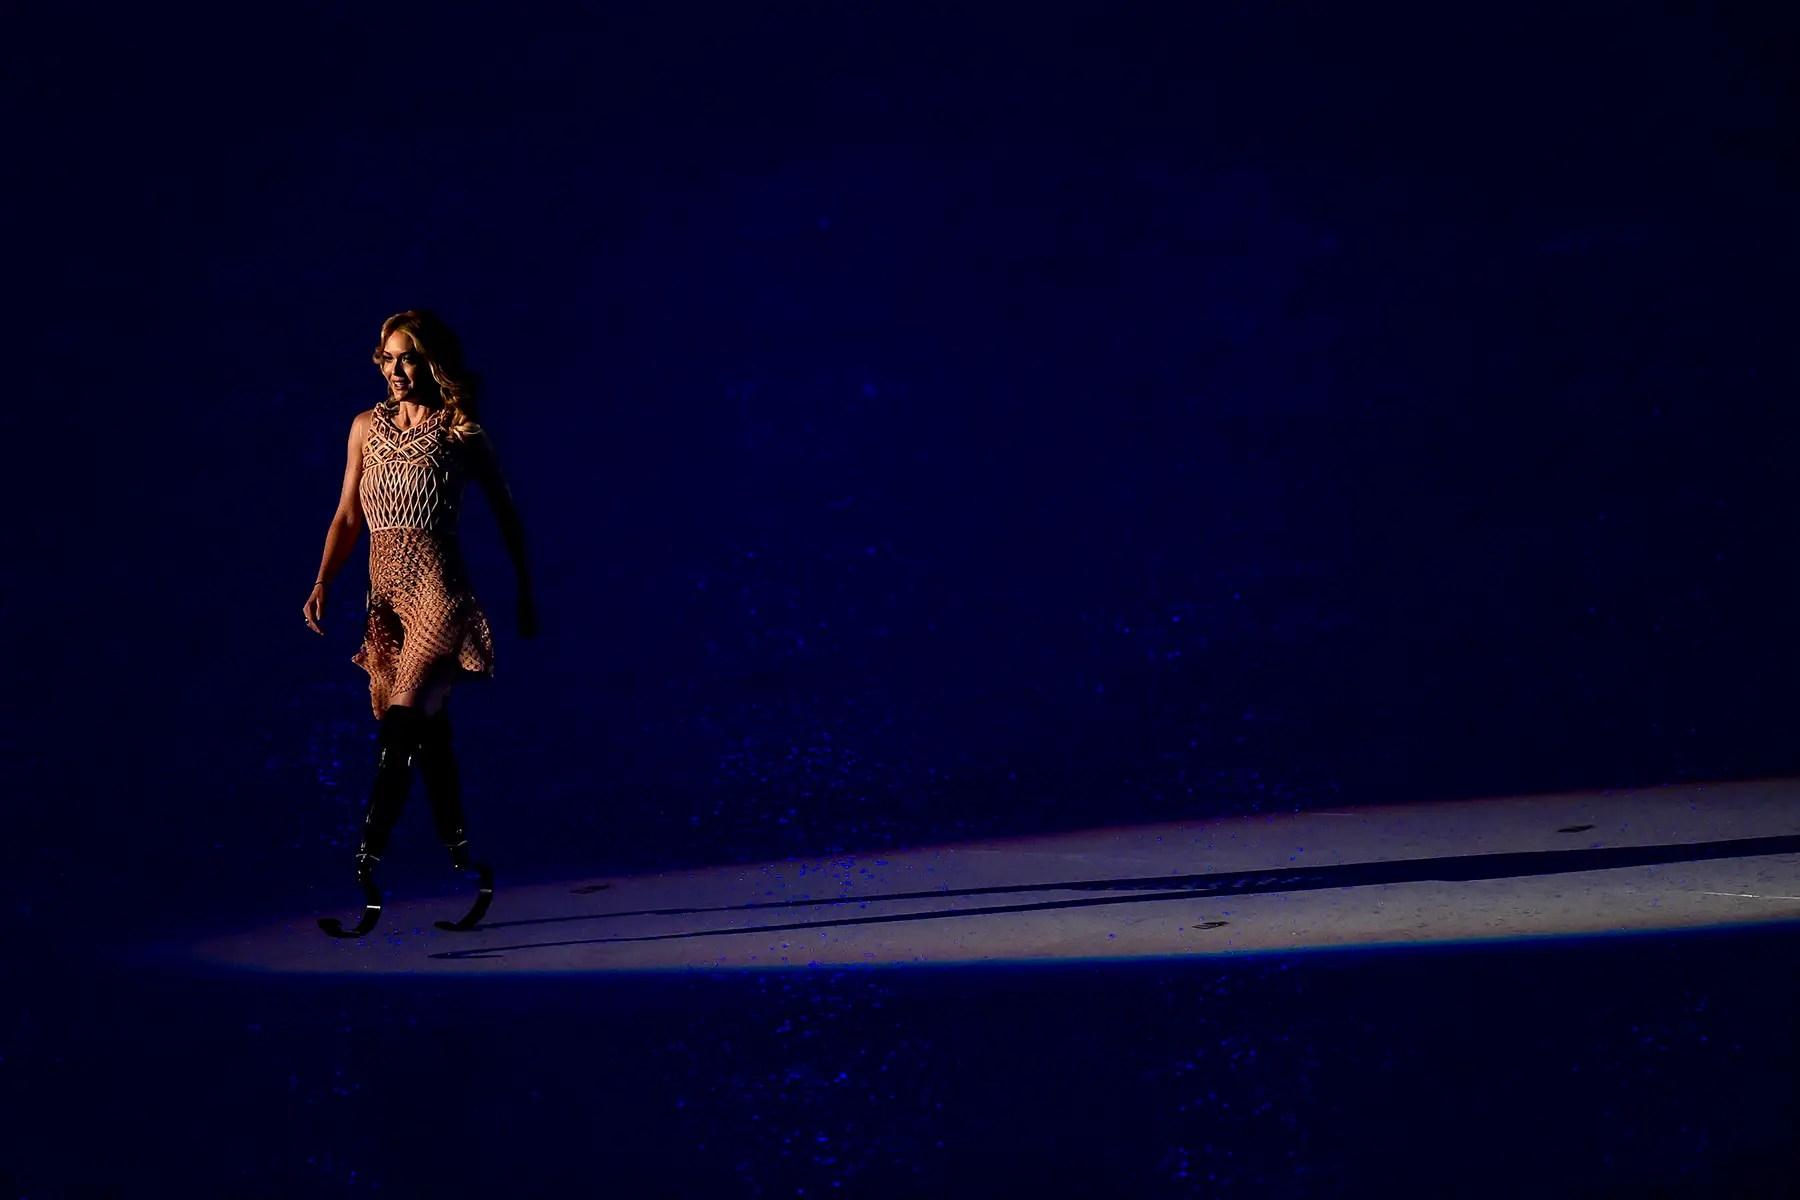 En un movimiento que refleja el paseo por Gisele Bündchen durante la ceremonia de apertura de los Juegos Olímpicos de Río, snowboarder y el modelo Amy Purdy caminaba por el escenario durante la apertura de los Juegos Paralímpicos de Río.